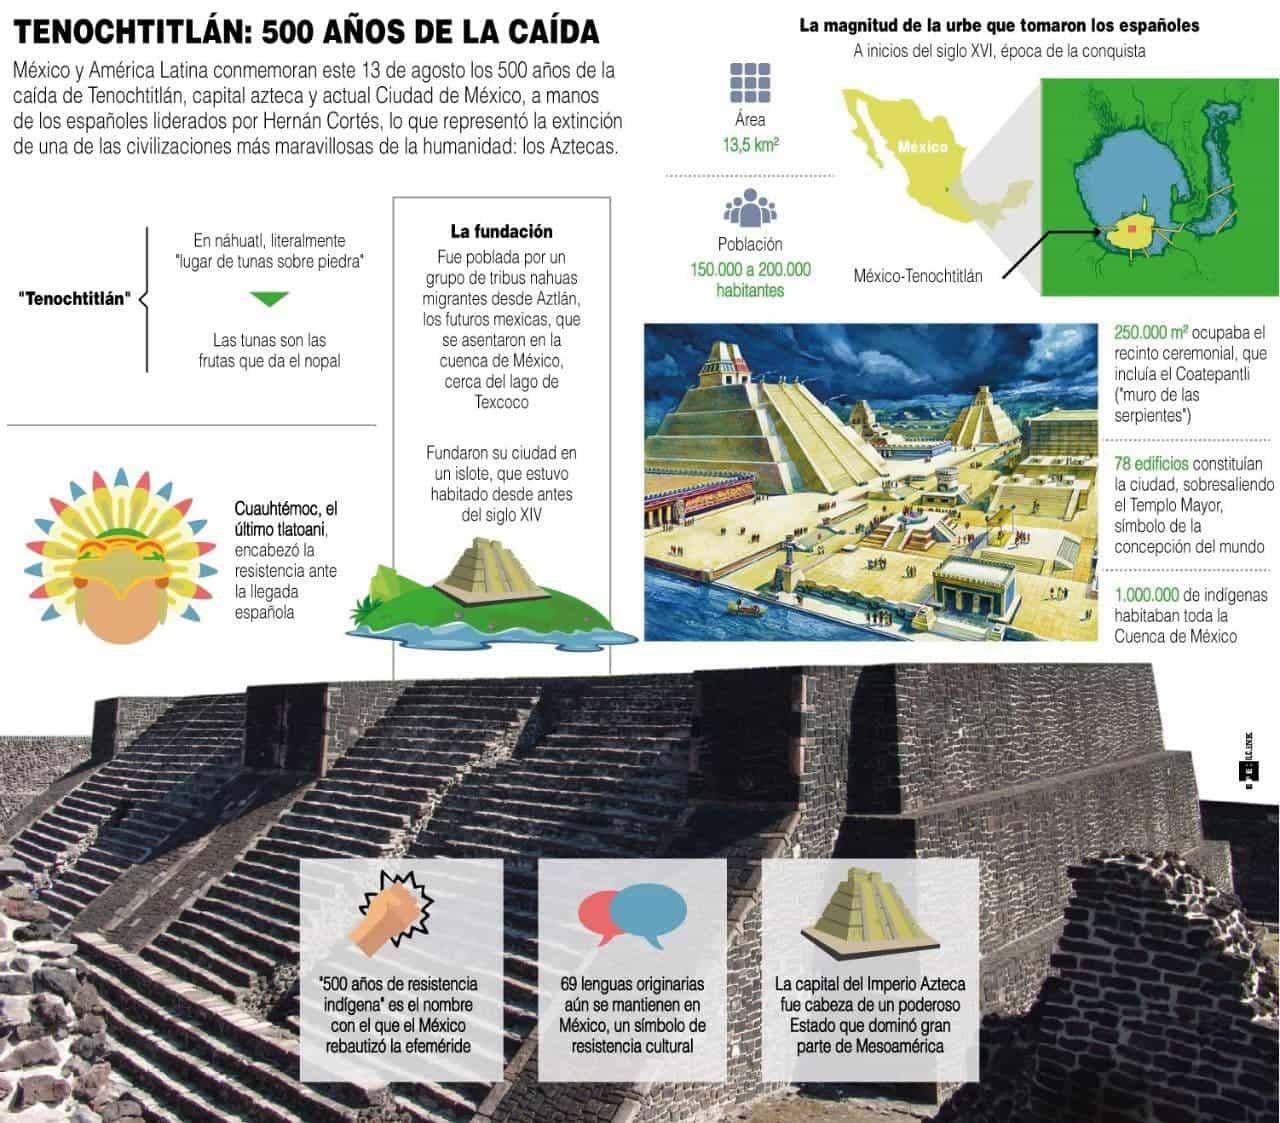 [Infografía] Tenochtitlan: 500 años de la caída 1